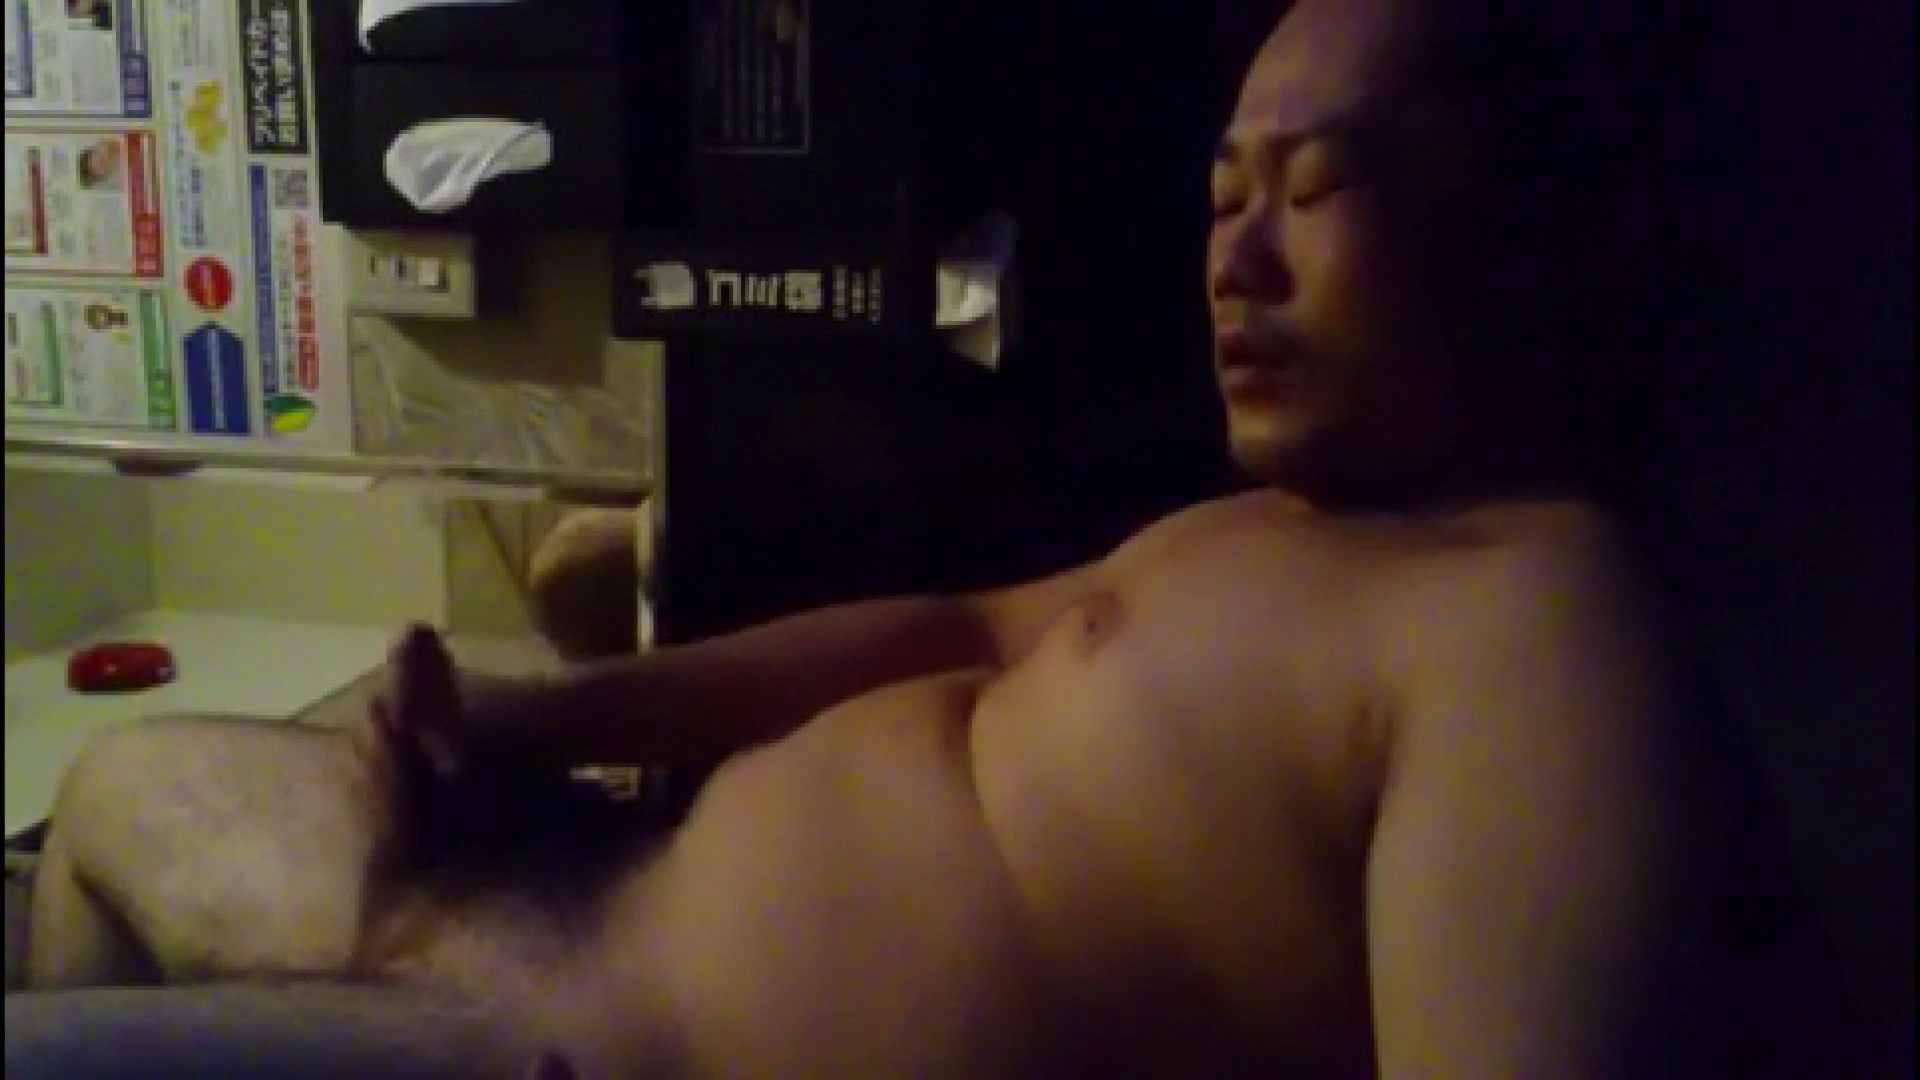 個人撮影 自慰の極意 Vol.24 無修正 ゲイセックス画像 59pic 2